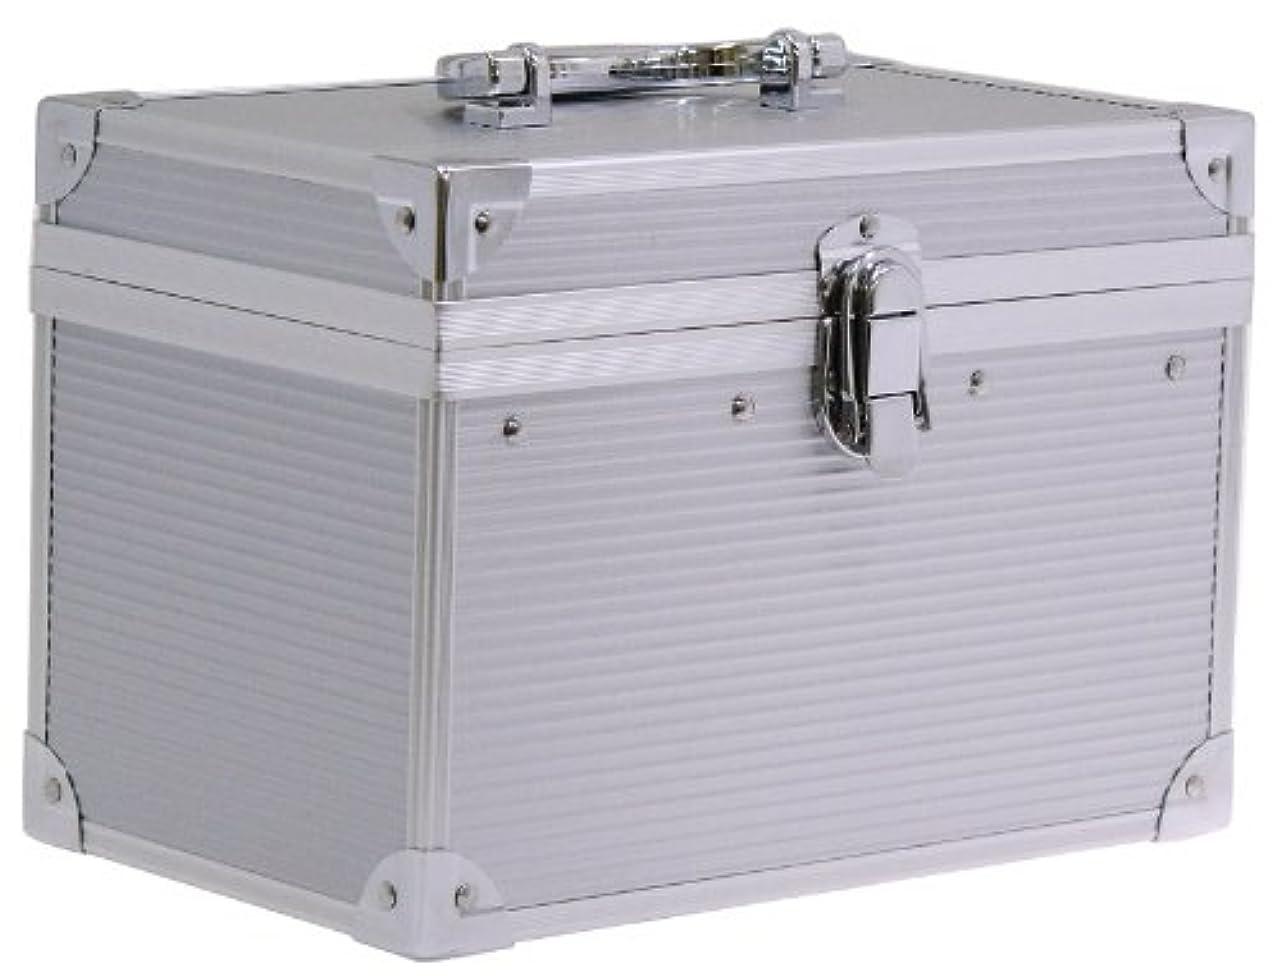 鎮静剤ロゴ混沌本物の質感 アルミ横型BOX